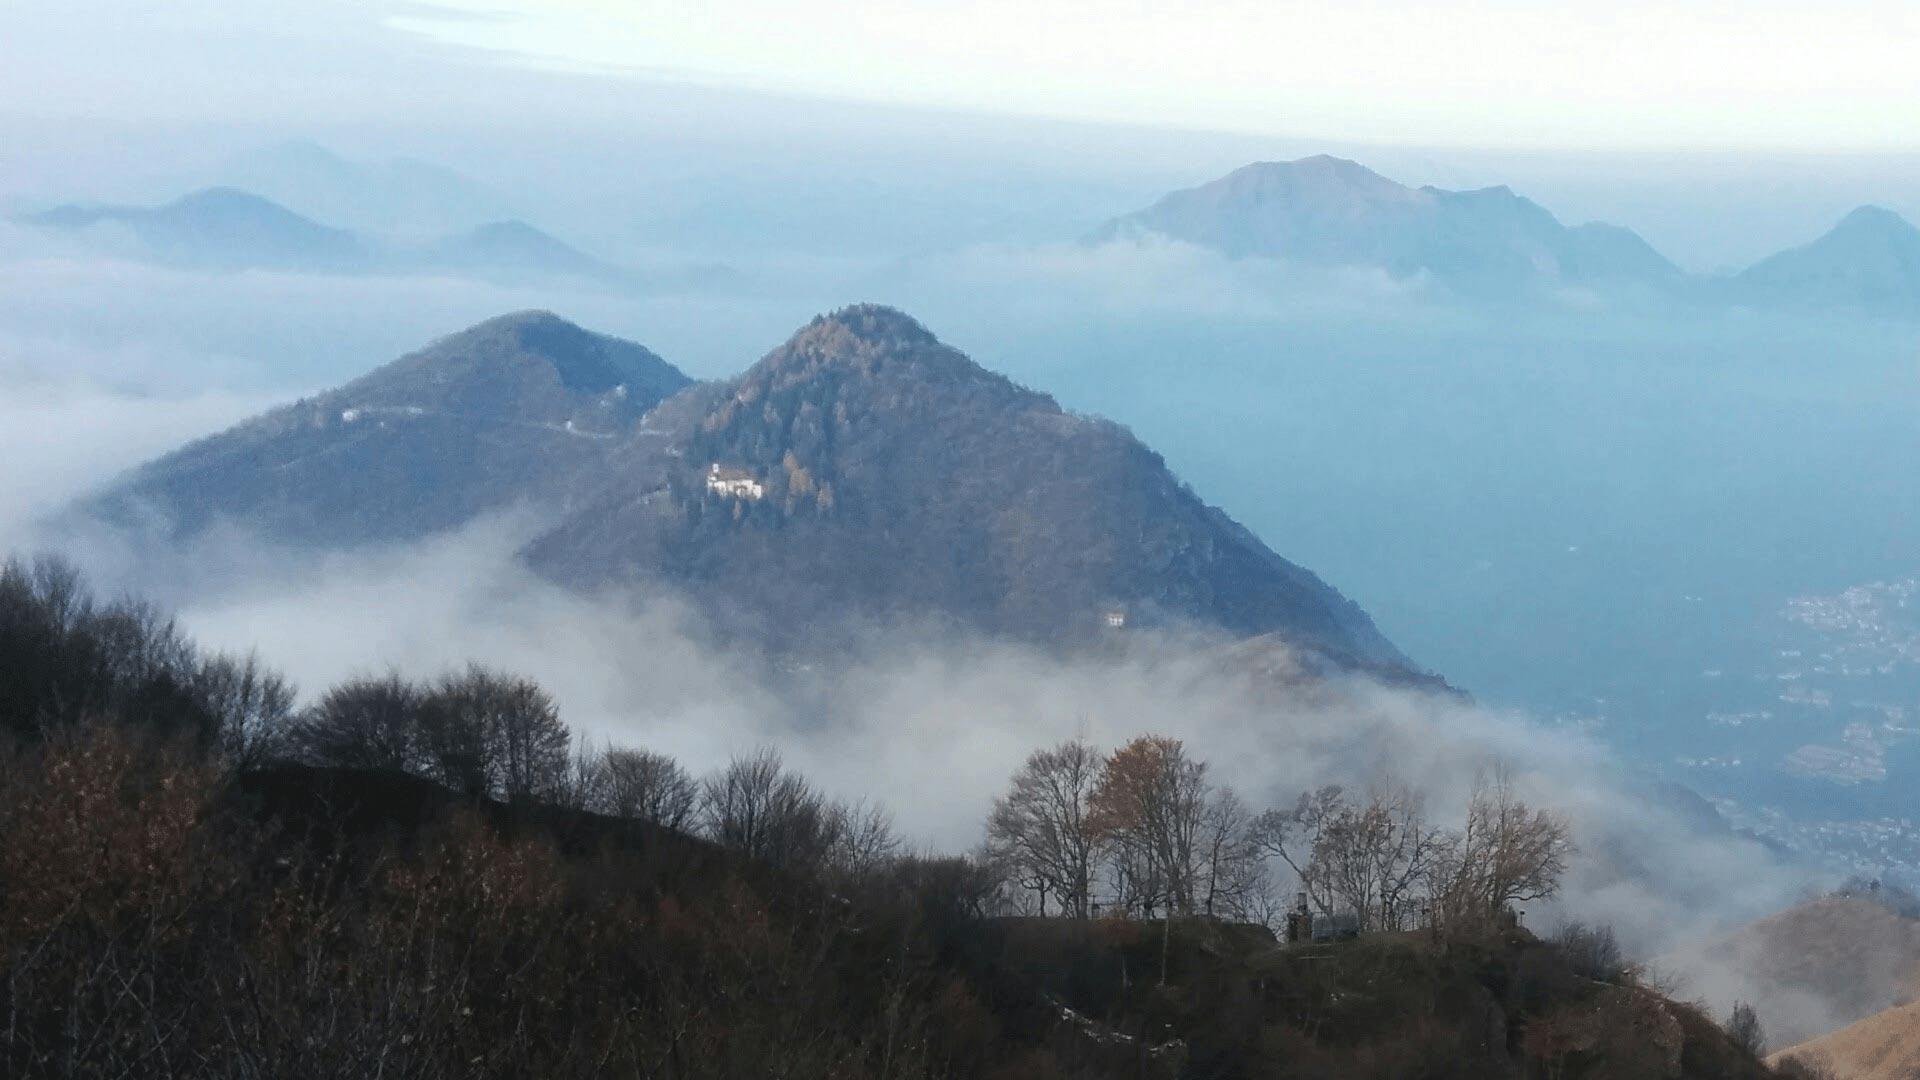 Vista panoramica del monte S. Emiliano dalla strada del Sonclino